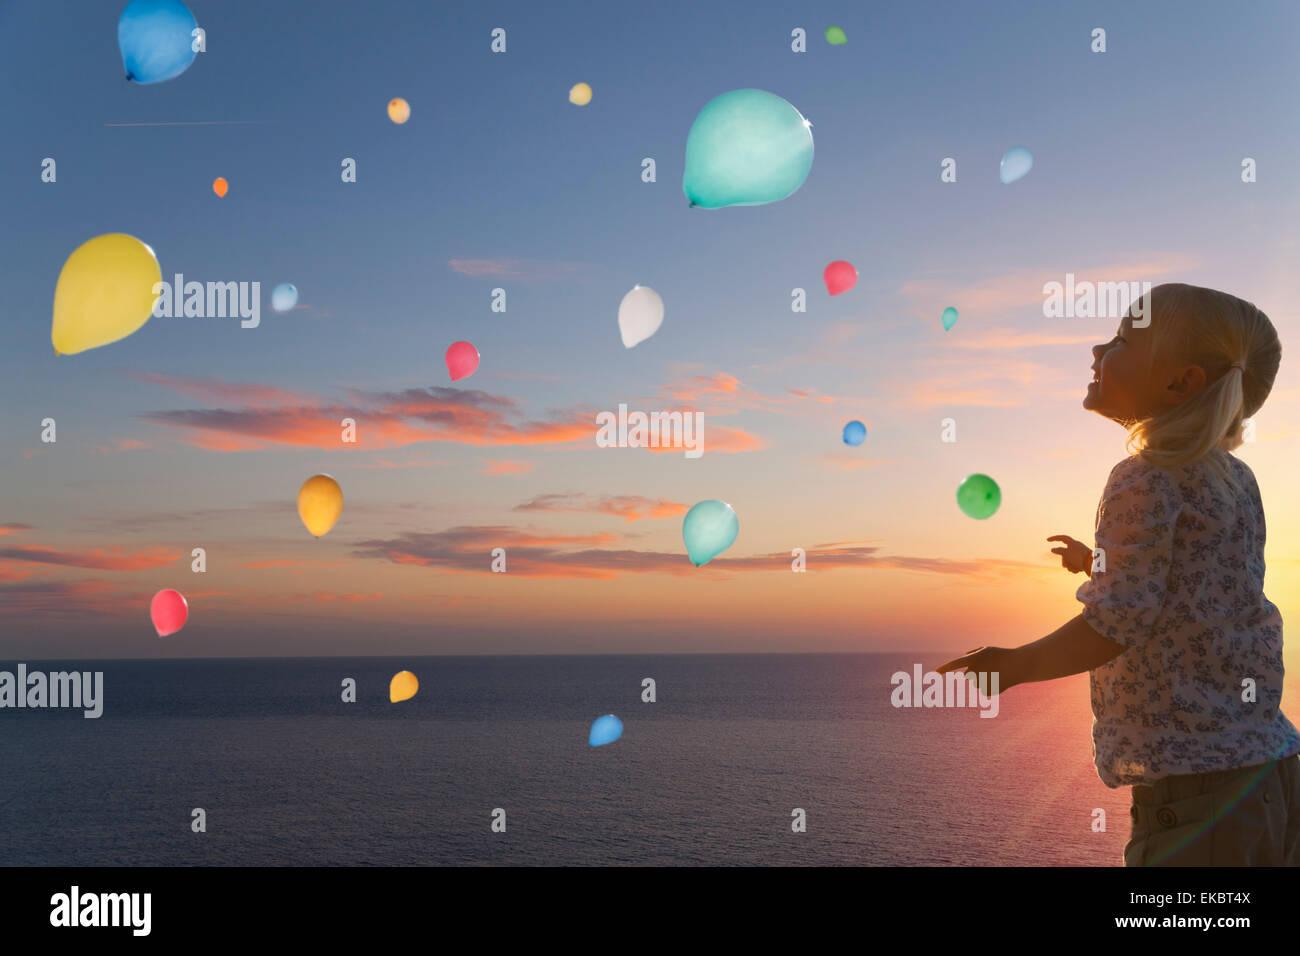 Chica viendo globos flotando en el cielo nocturno Imagen De Stock